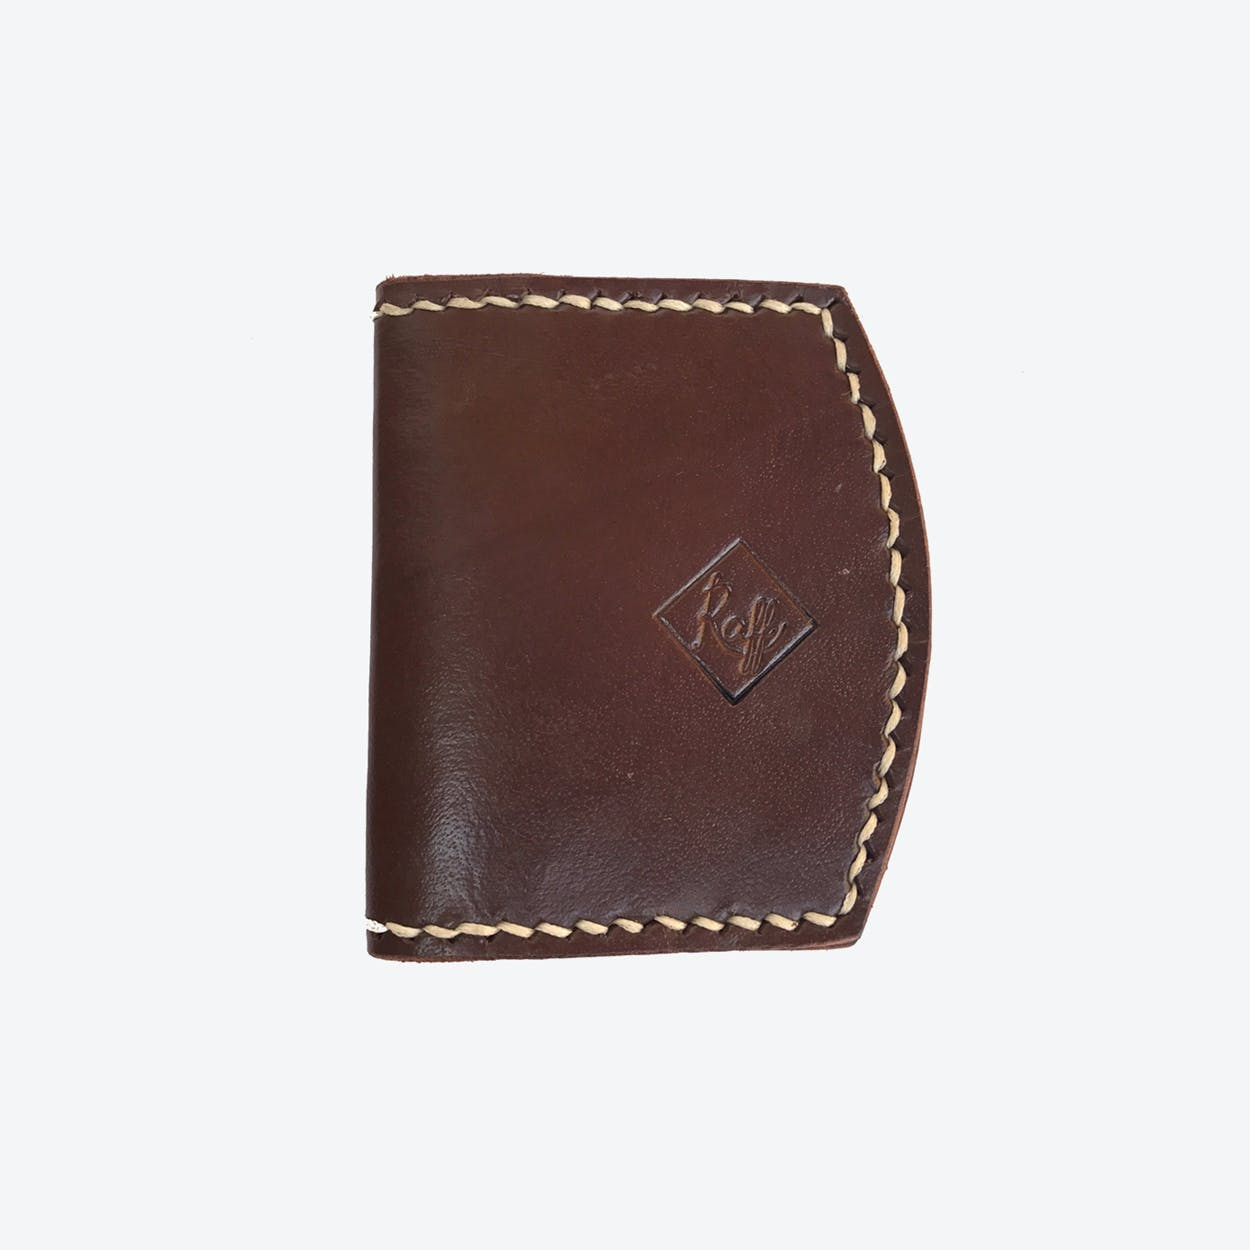 Juno Wallet in Brown